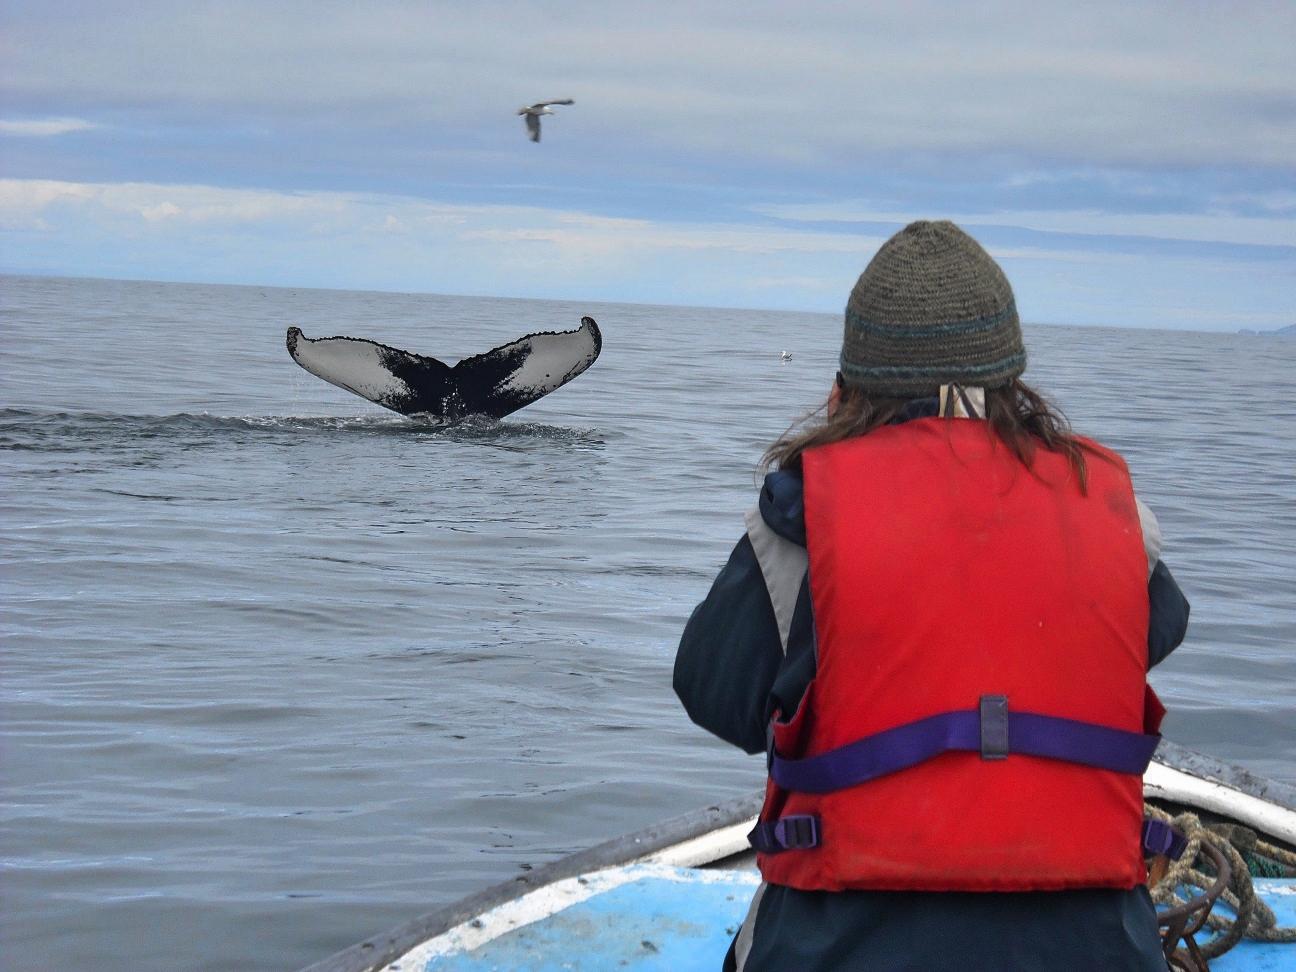 Im Fischerboot, um Buckelwale zu fotografieren | Bernadette A. Calonego